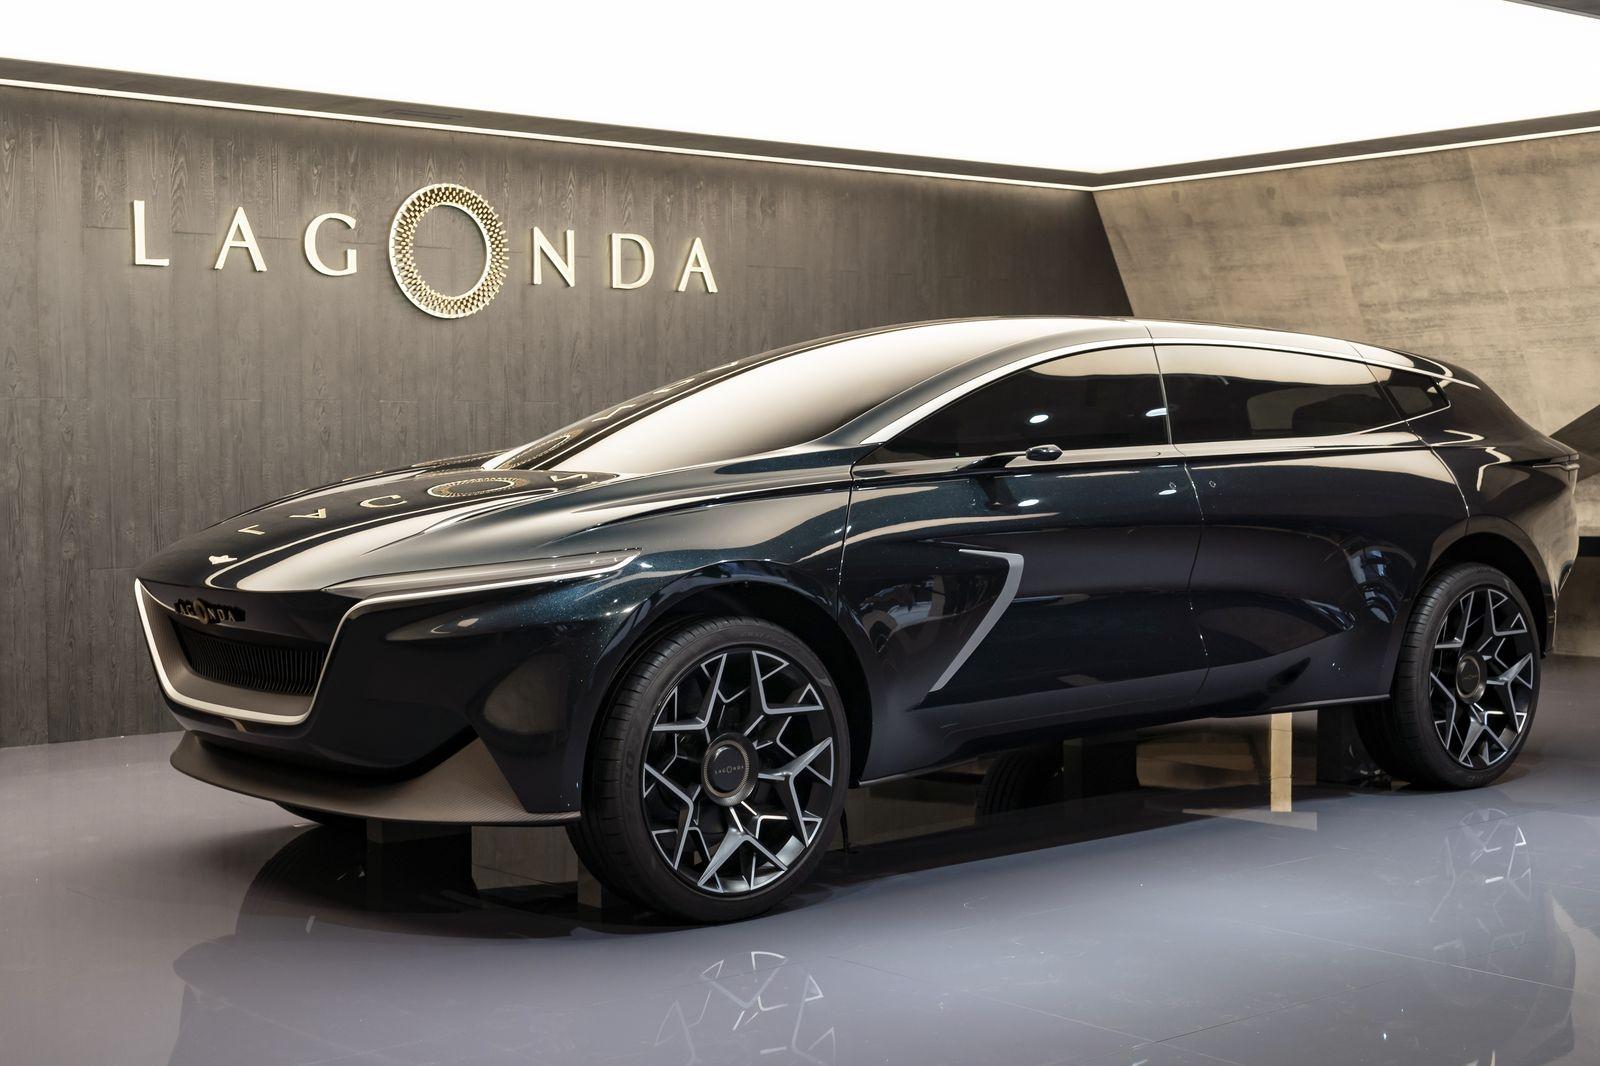 Lagonda_all_terrain_AutoRok_2019__02